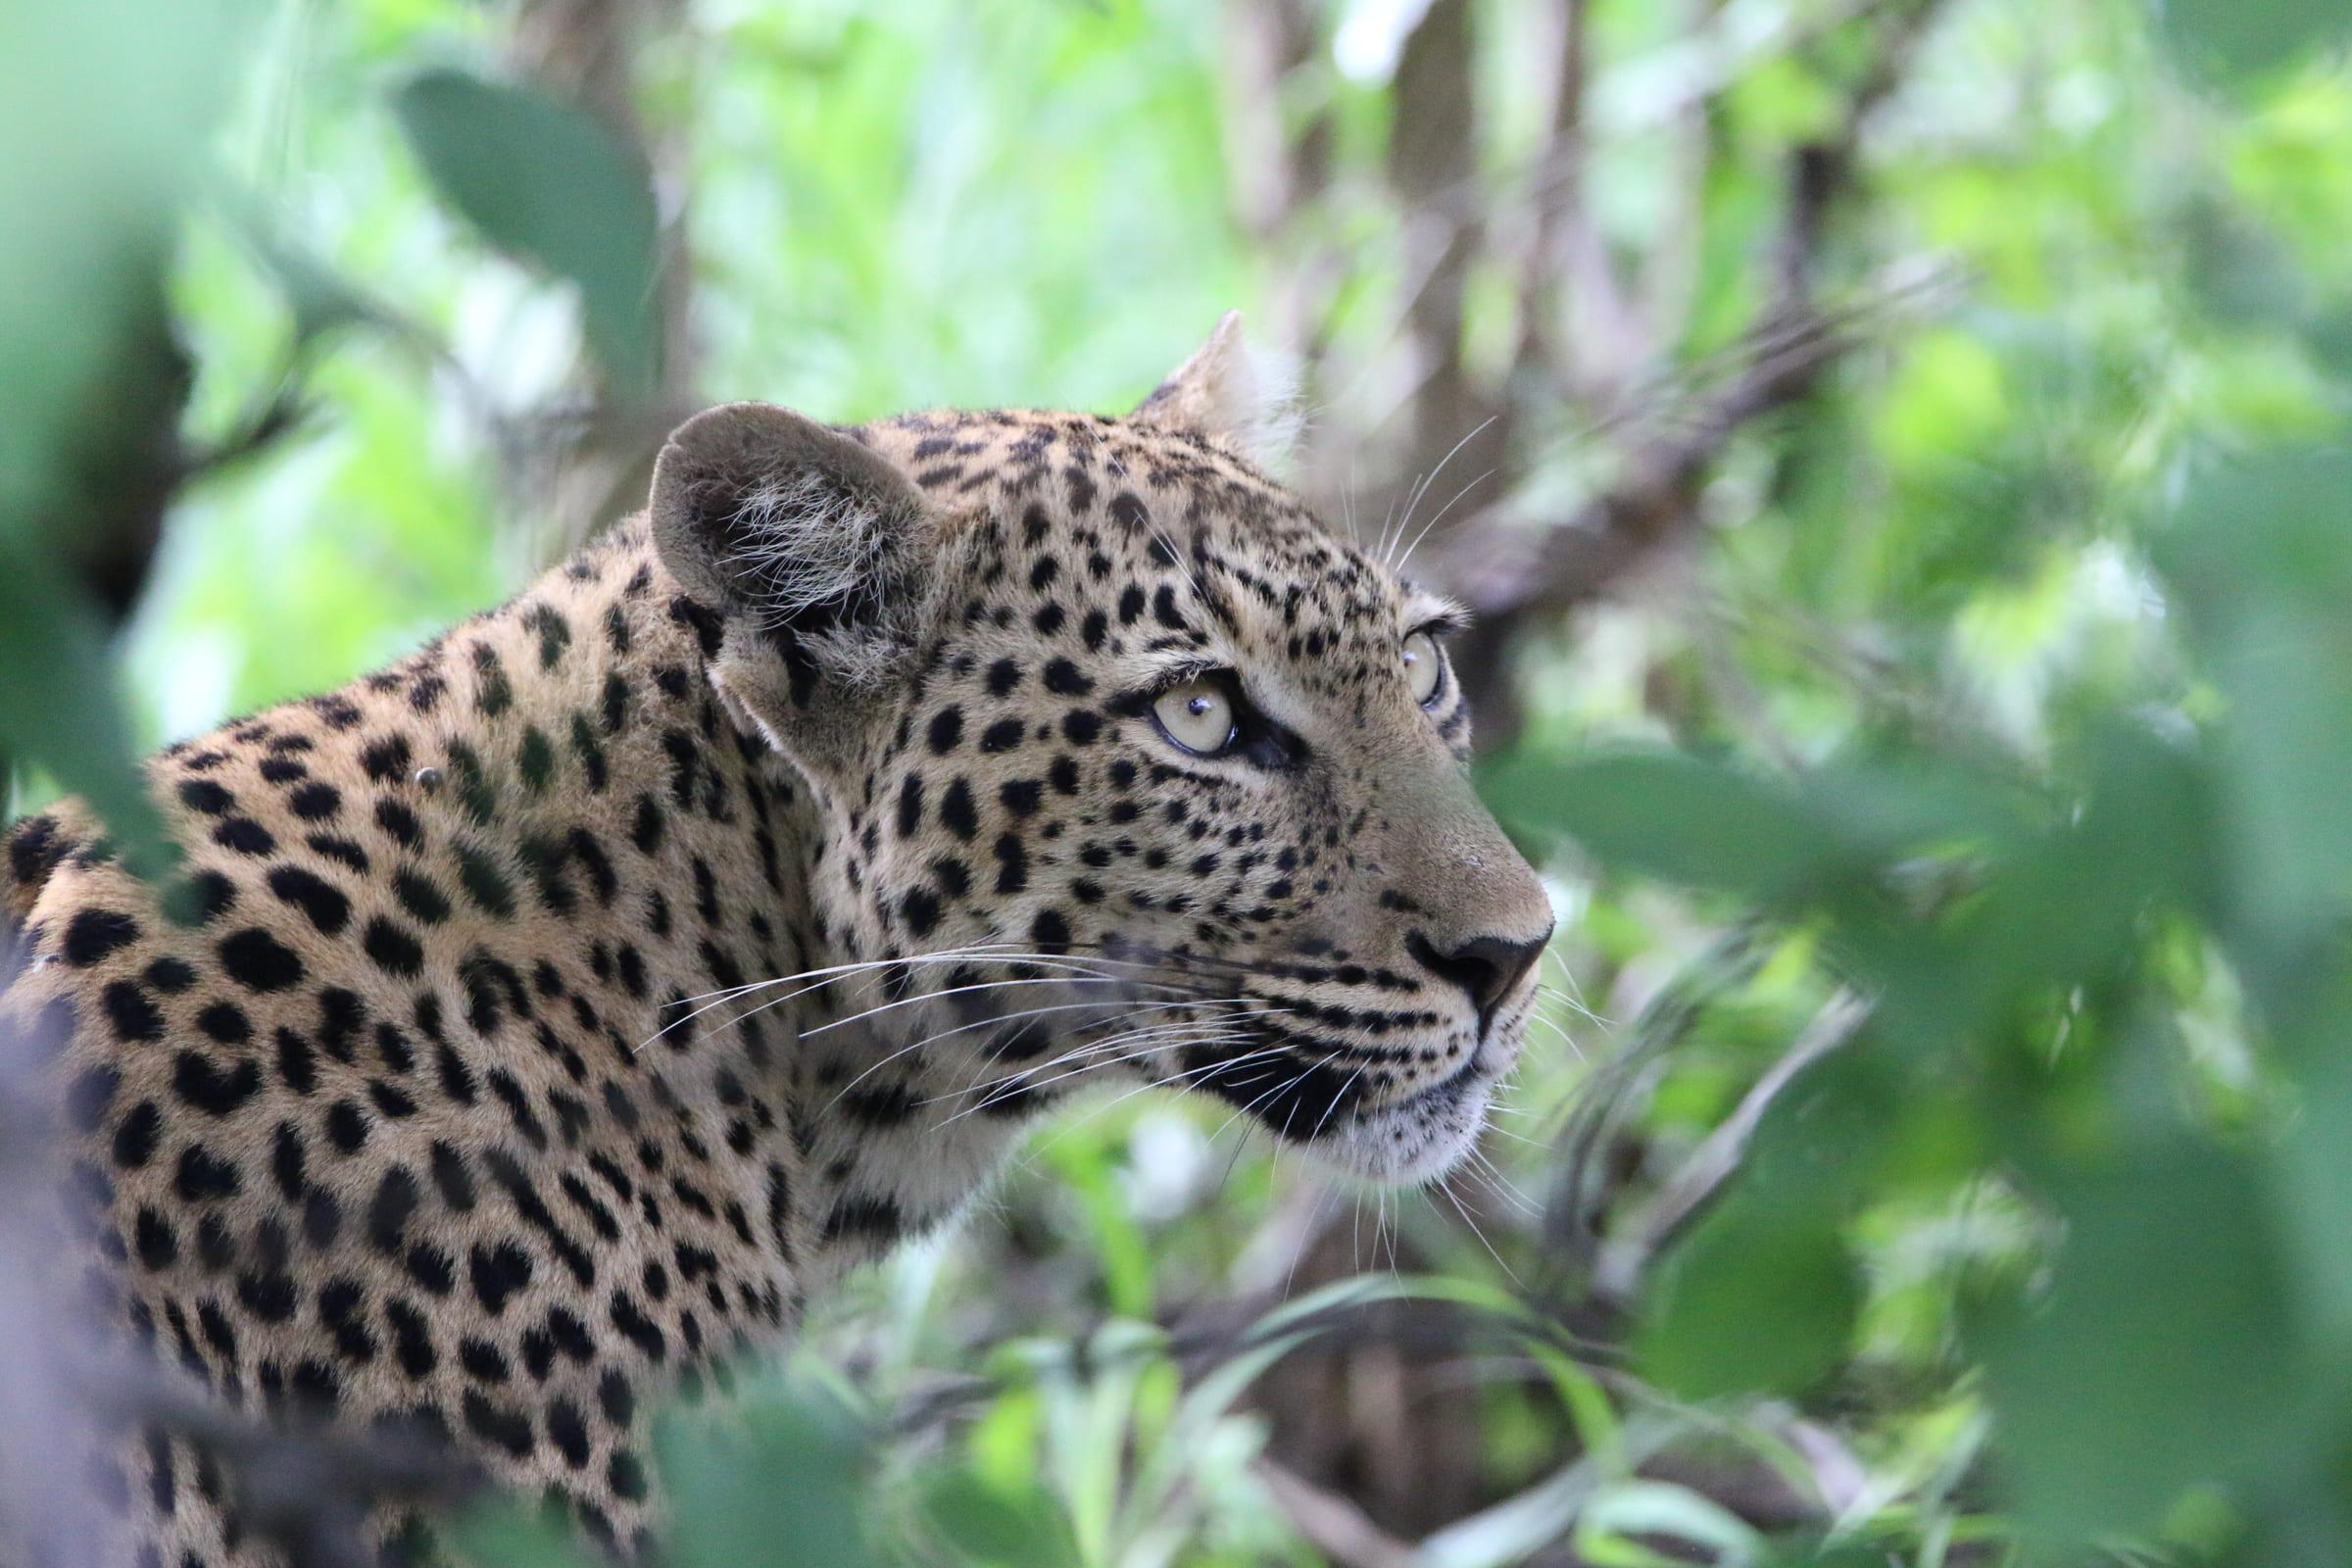 Leopard lauert im Gebüsch